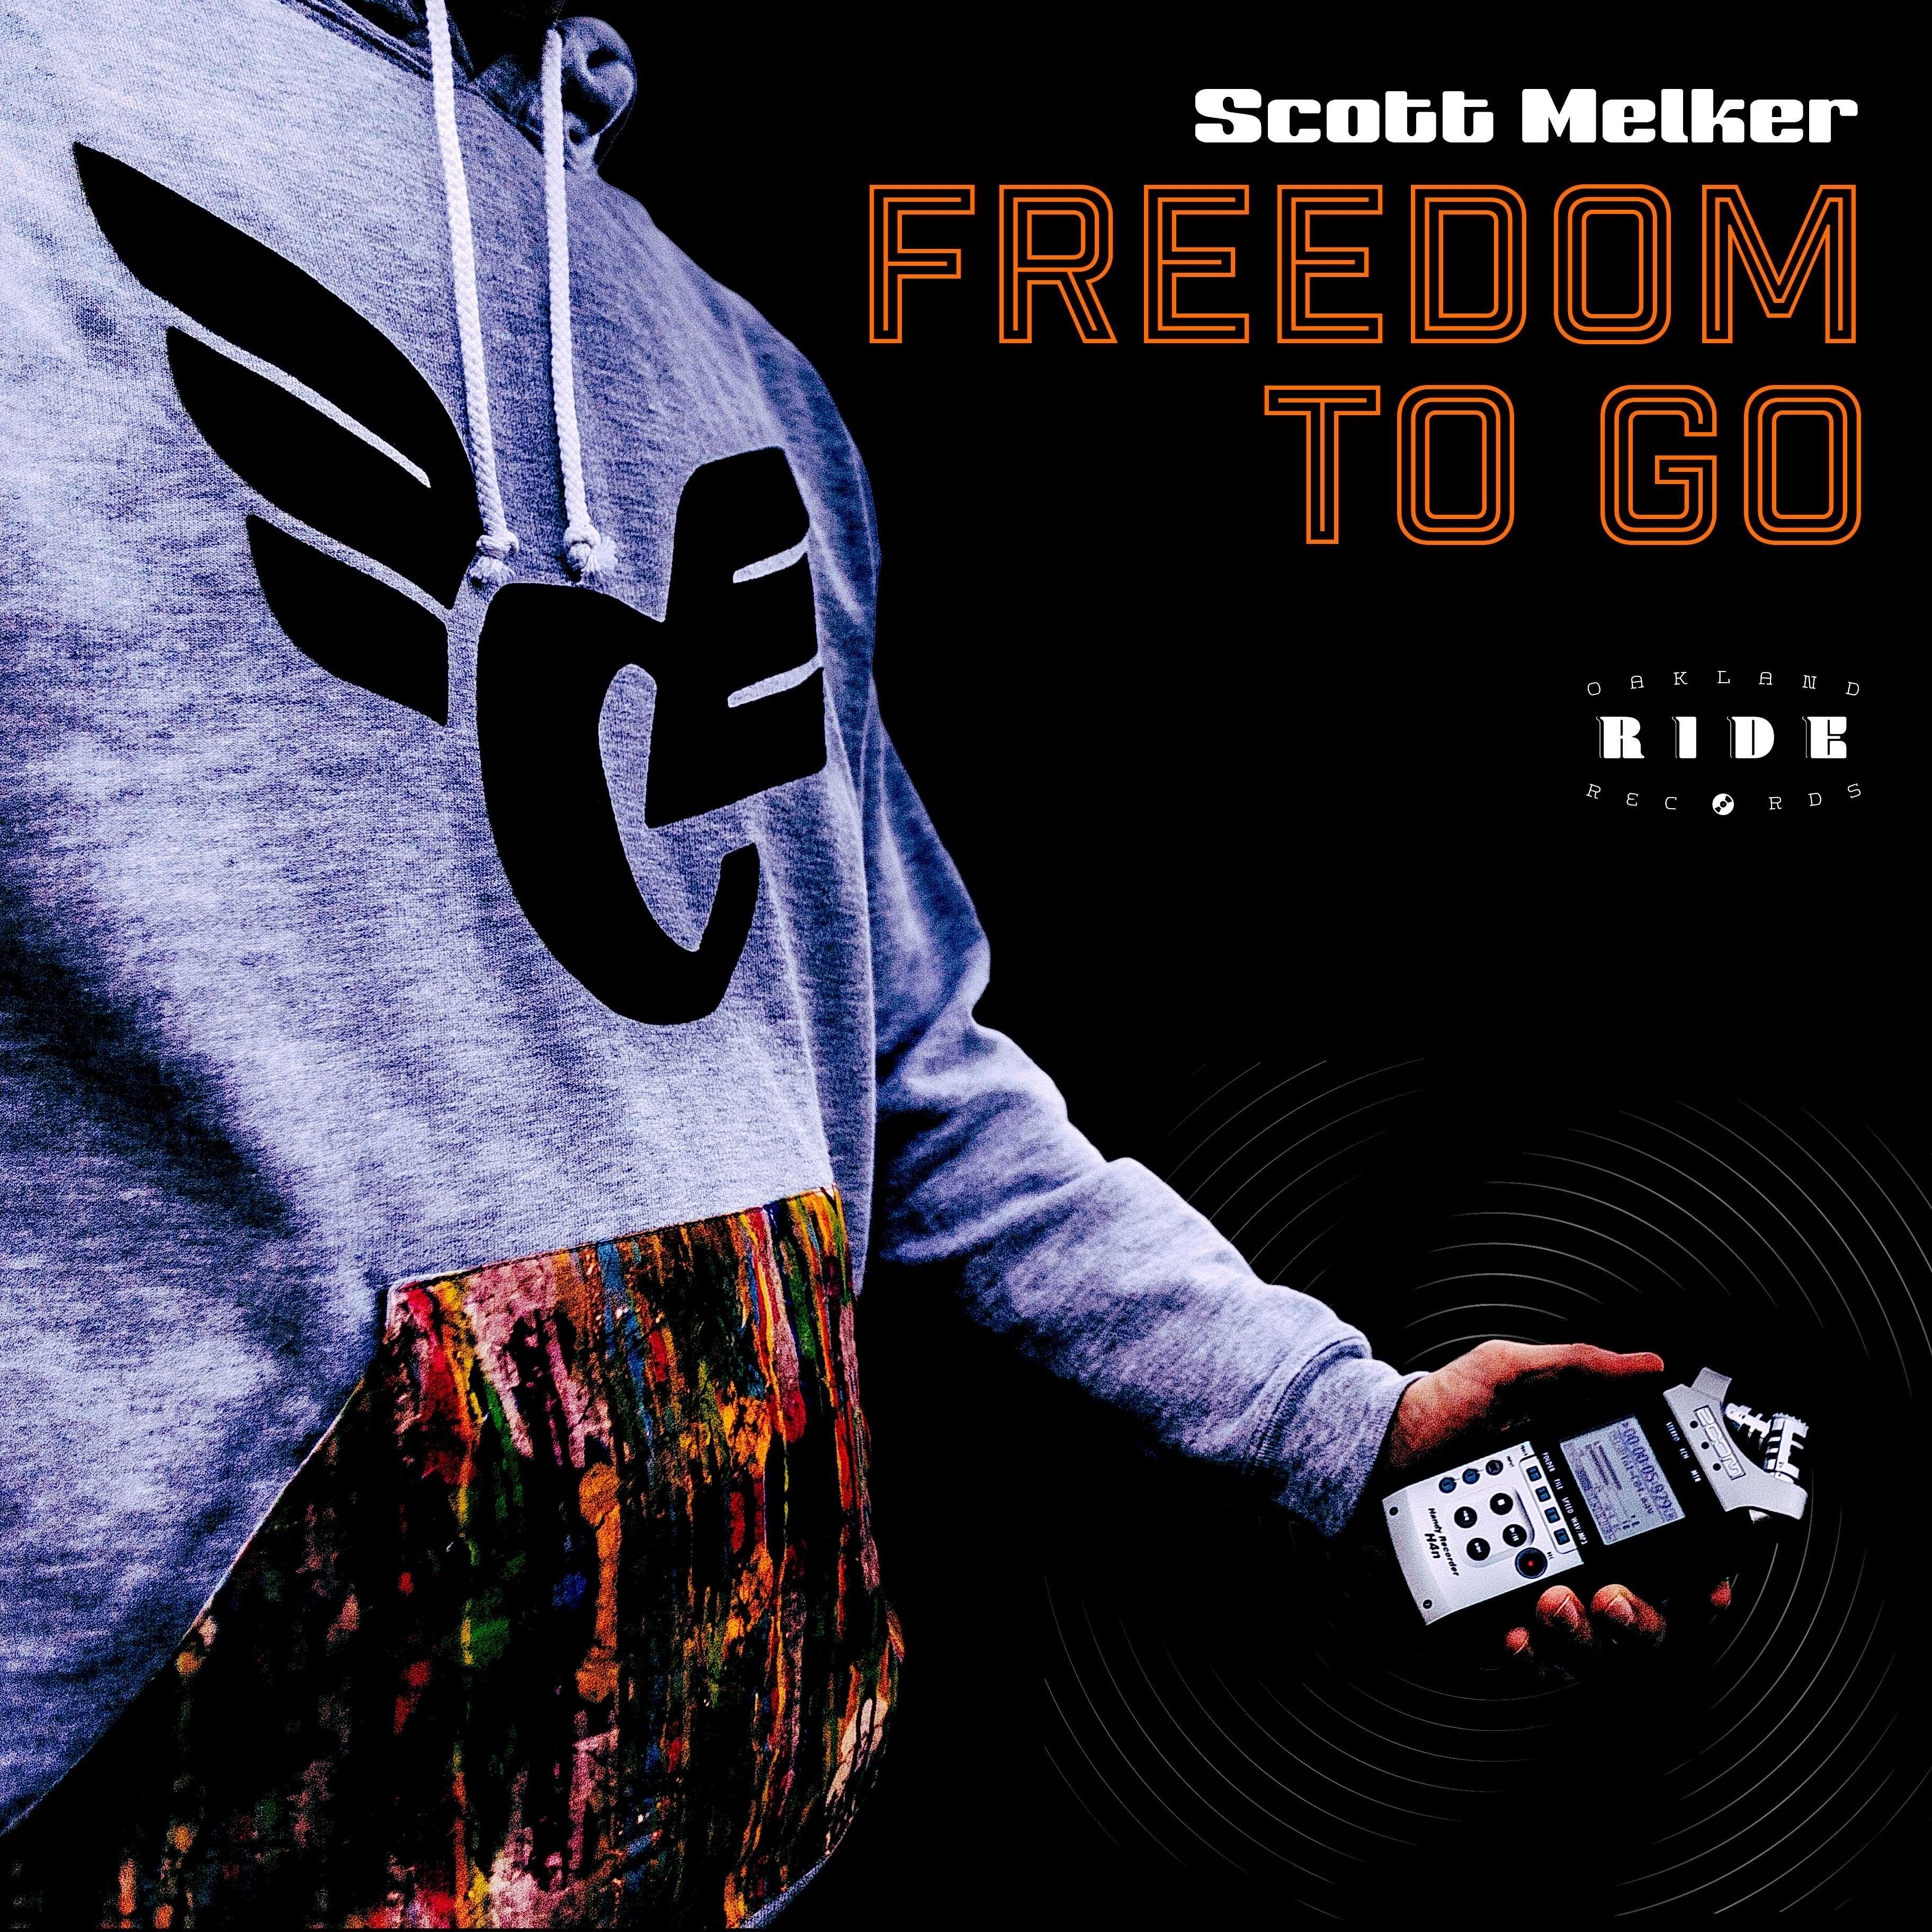 FreedomToGo